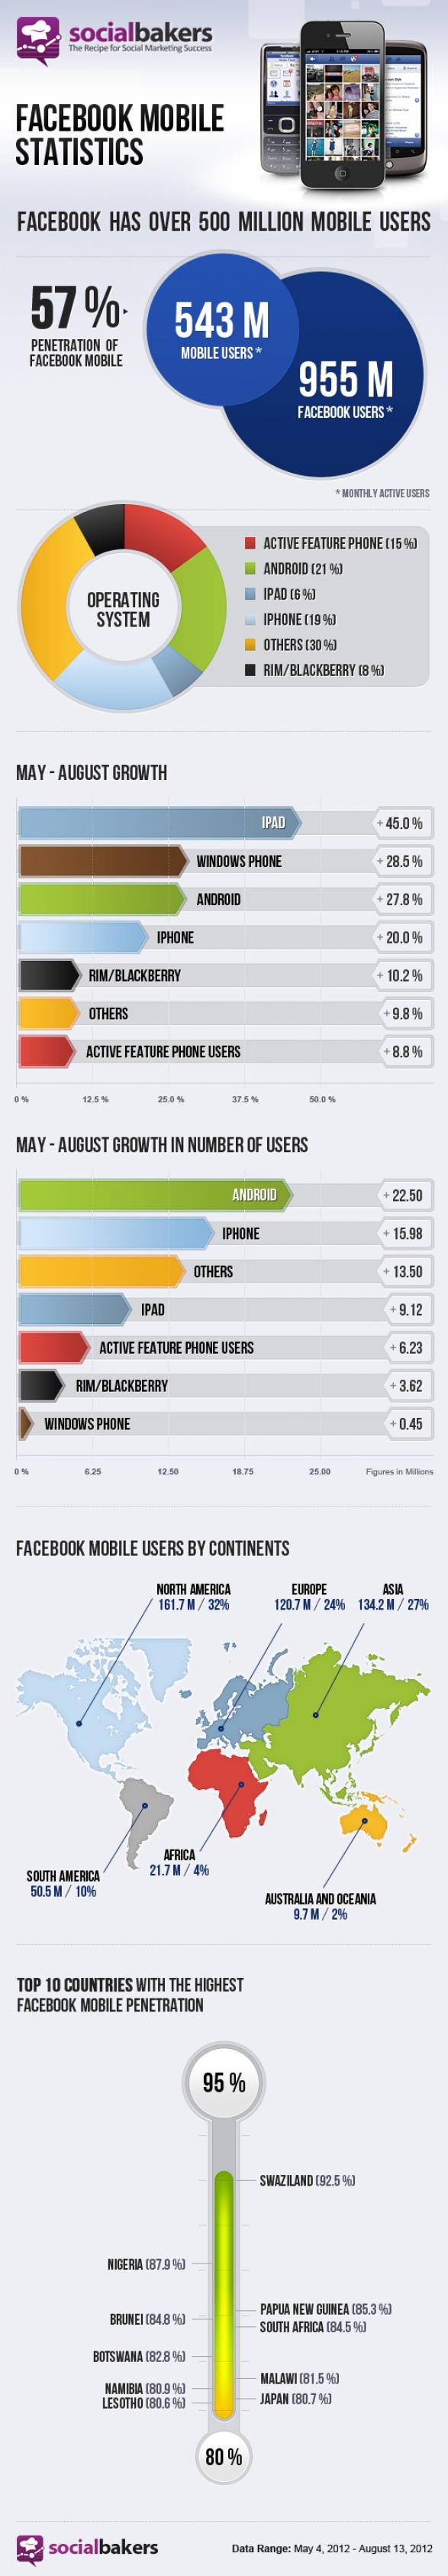 Facebook-Mobile-Statistics